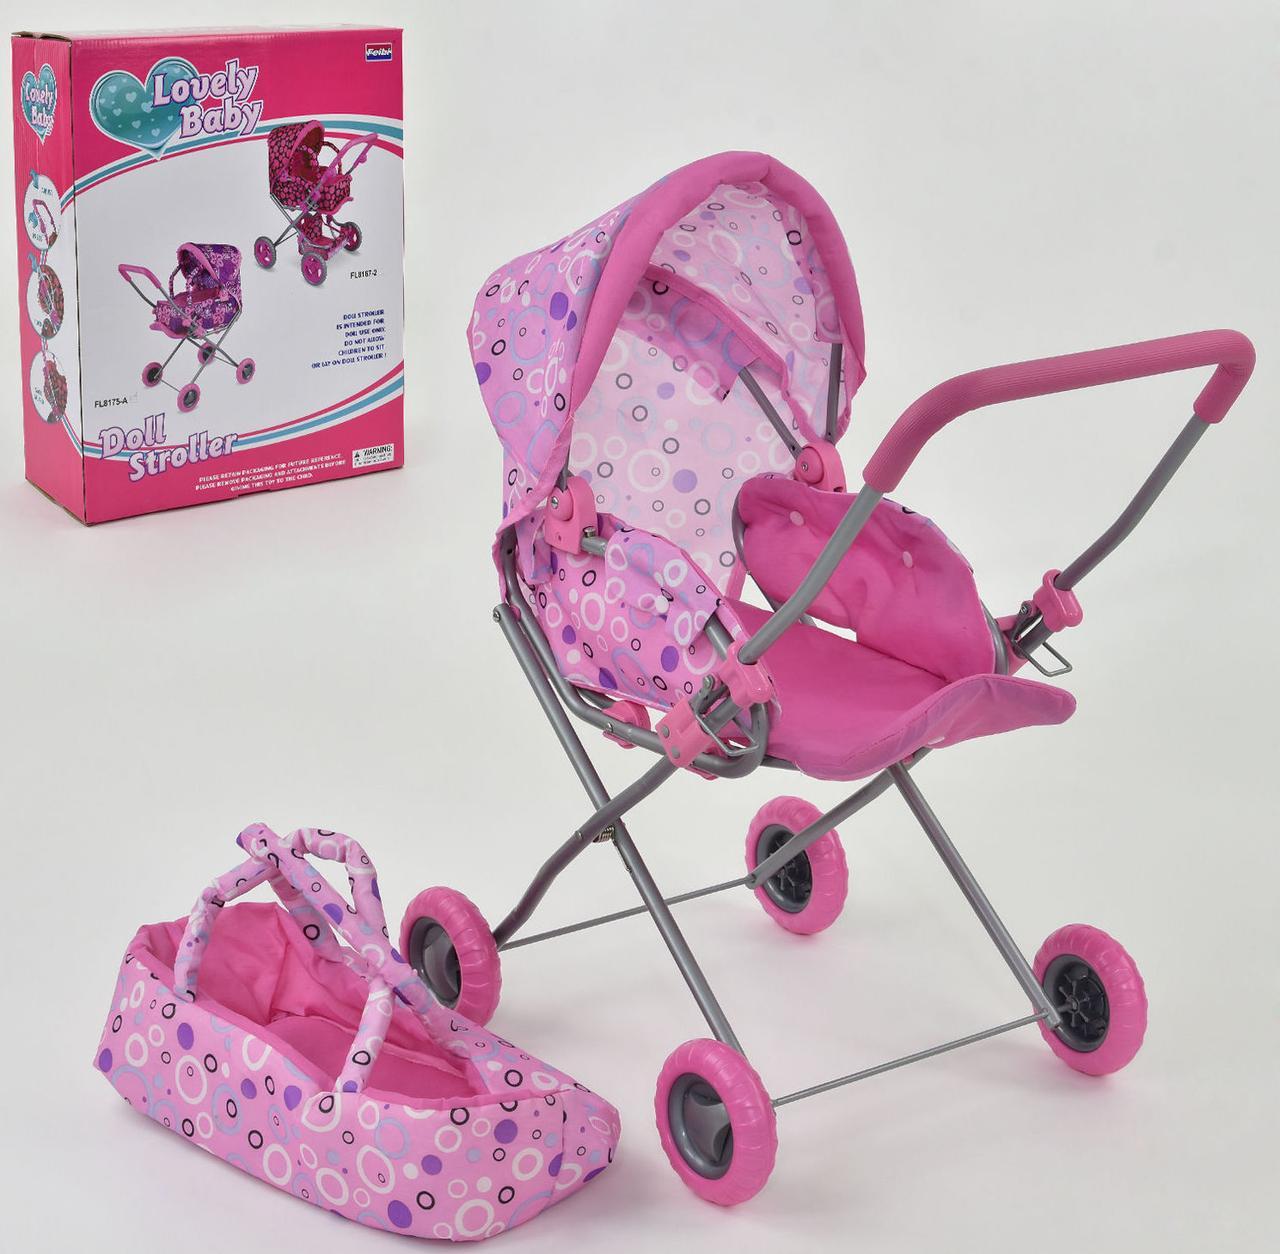 Дитяча коляска для ляльок FL 8175 A (6) в коробці